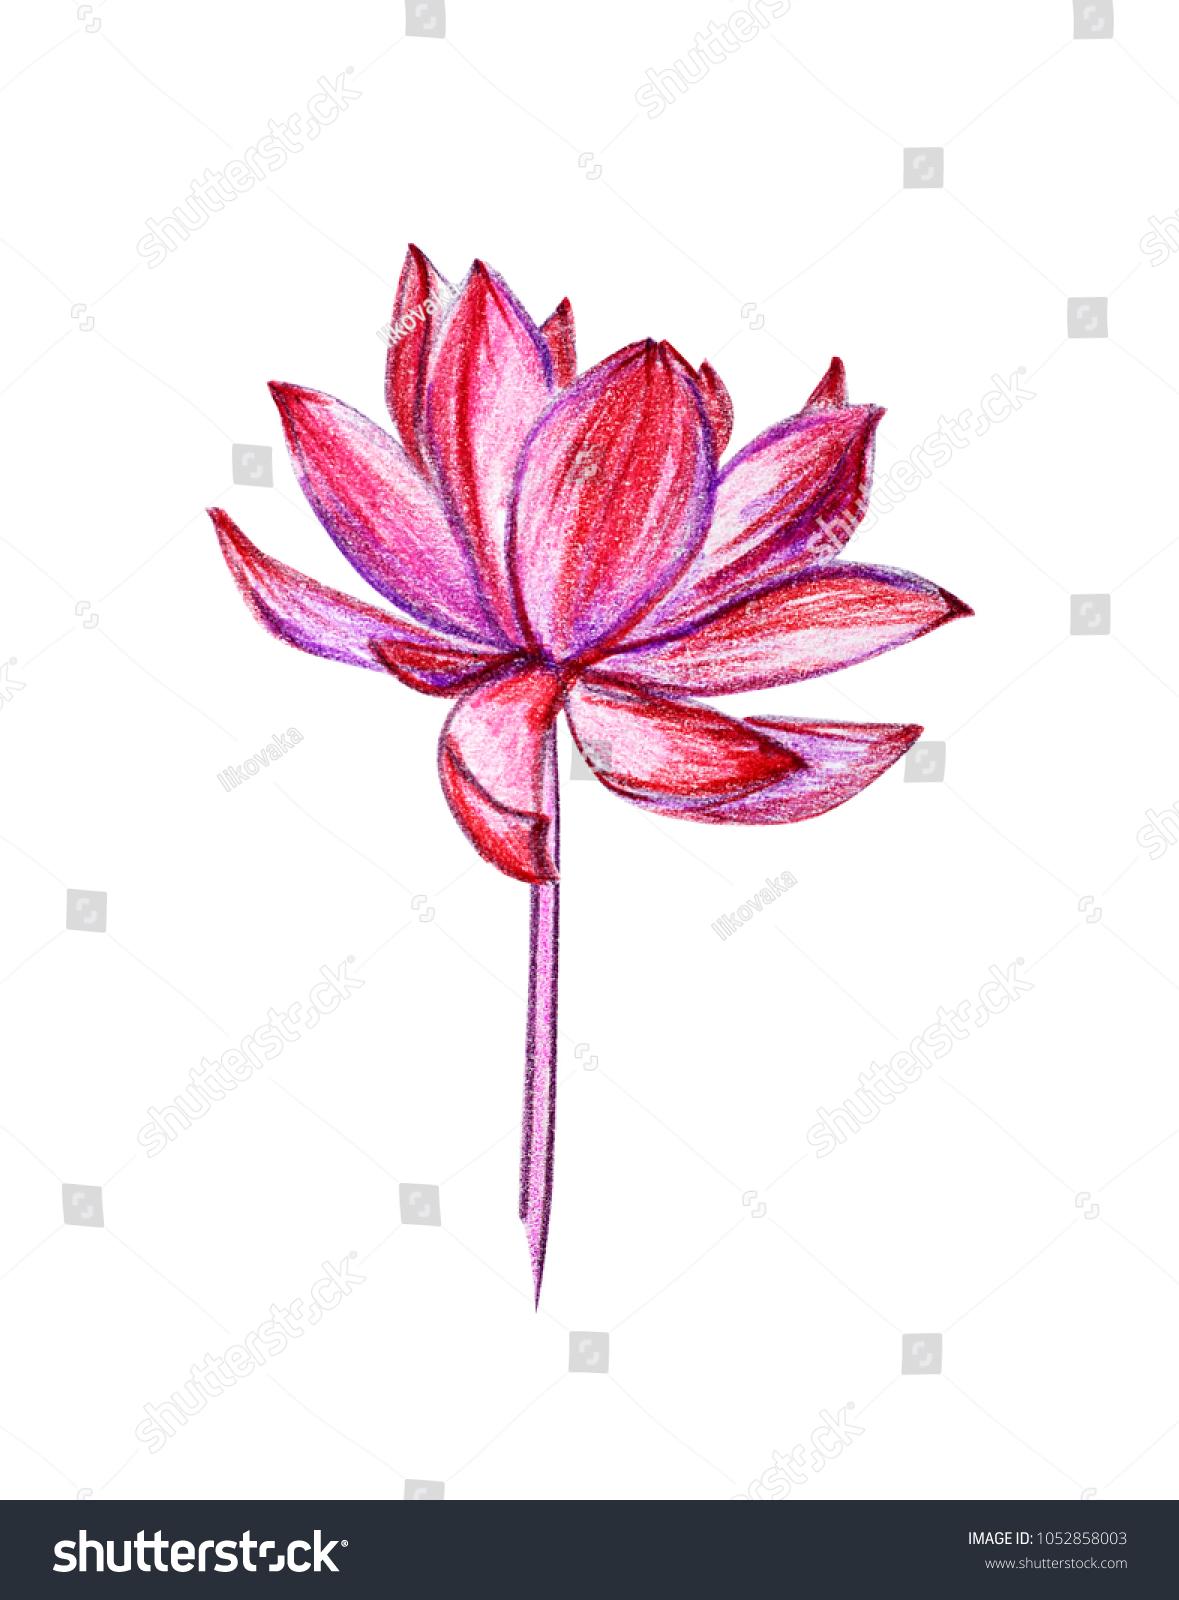 Illustration exotic flower drawing pink lotus stock illustration illustration of an exotic flower drawing of a pink lotus with colored pencils watercolor izmirmasajfo